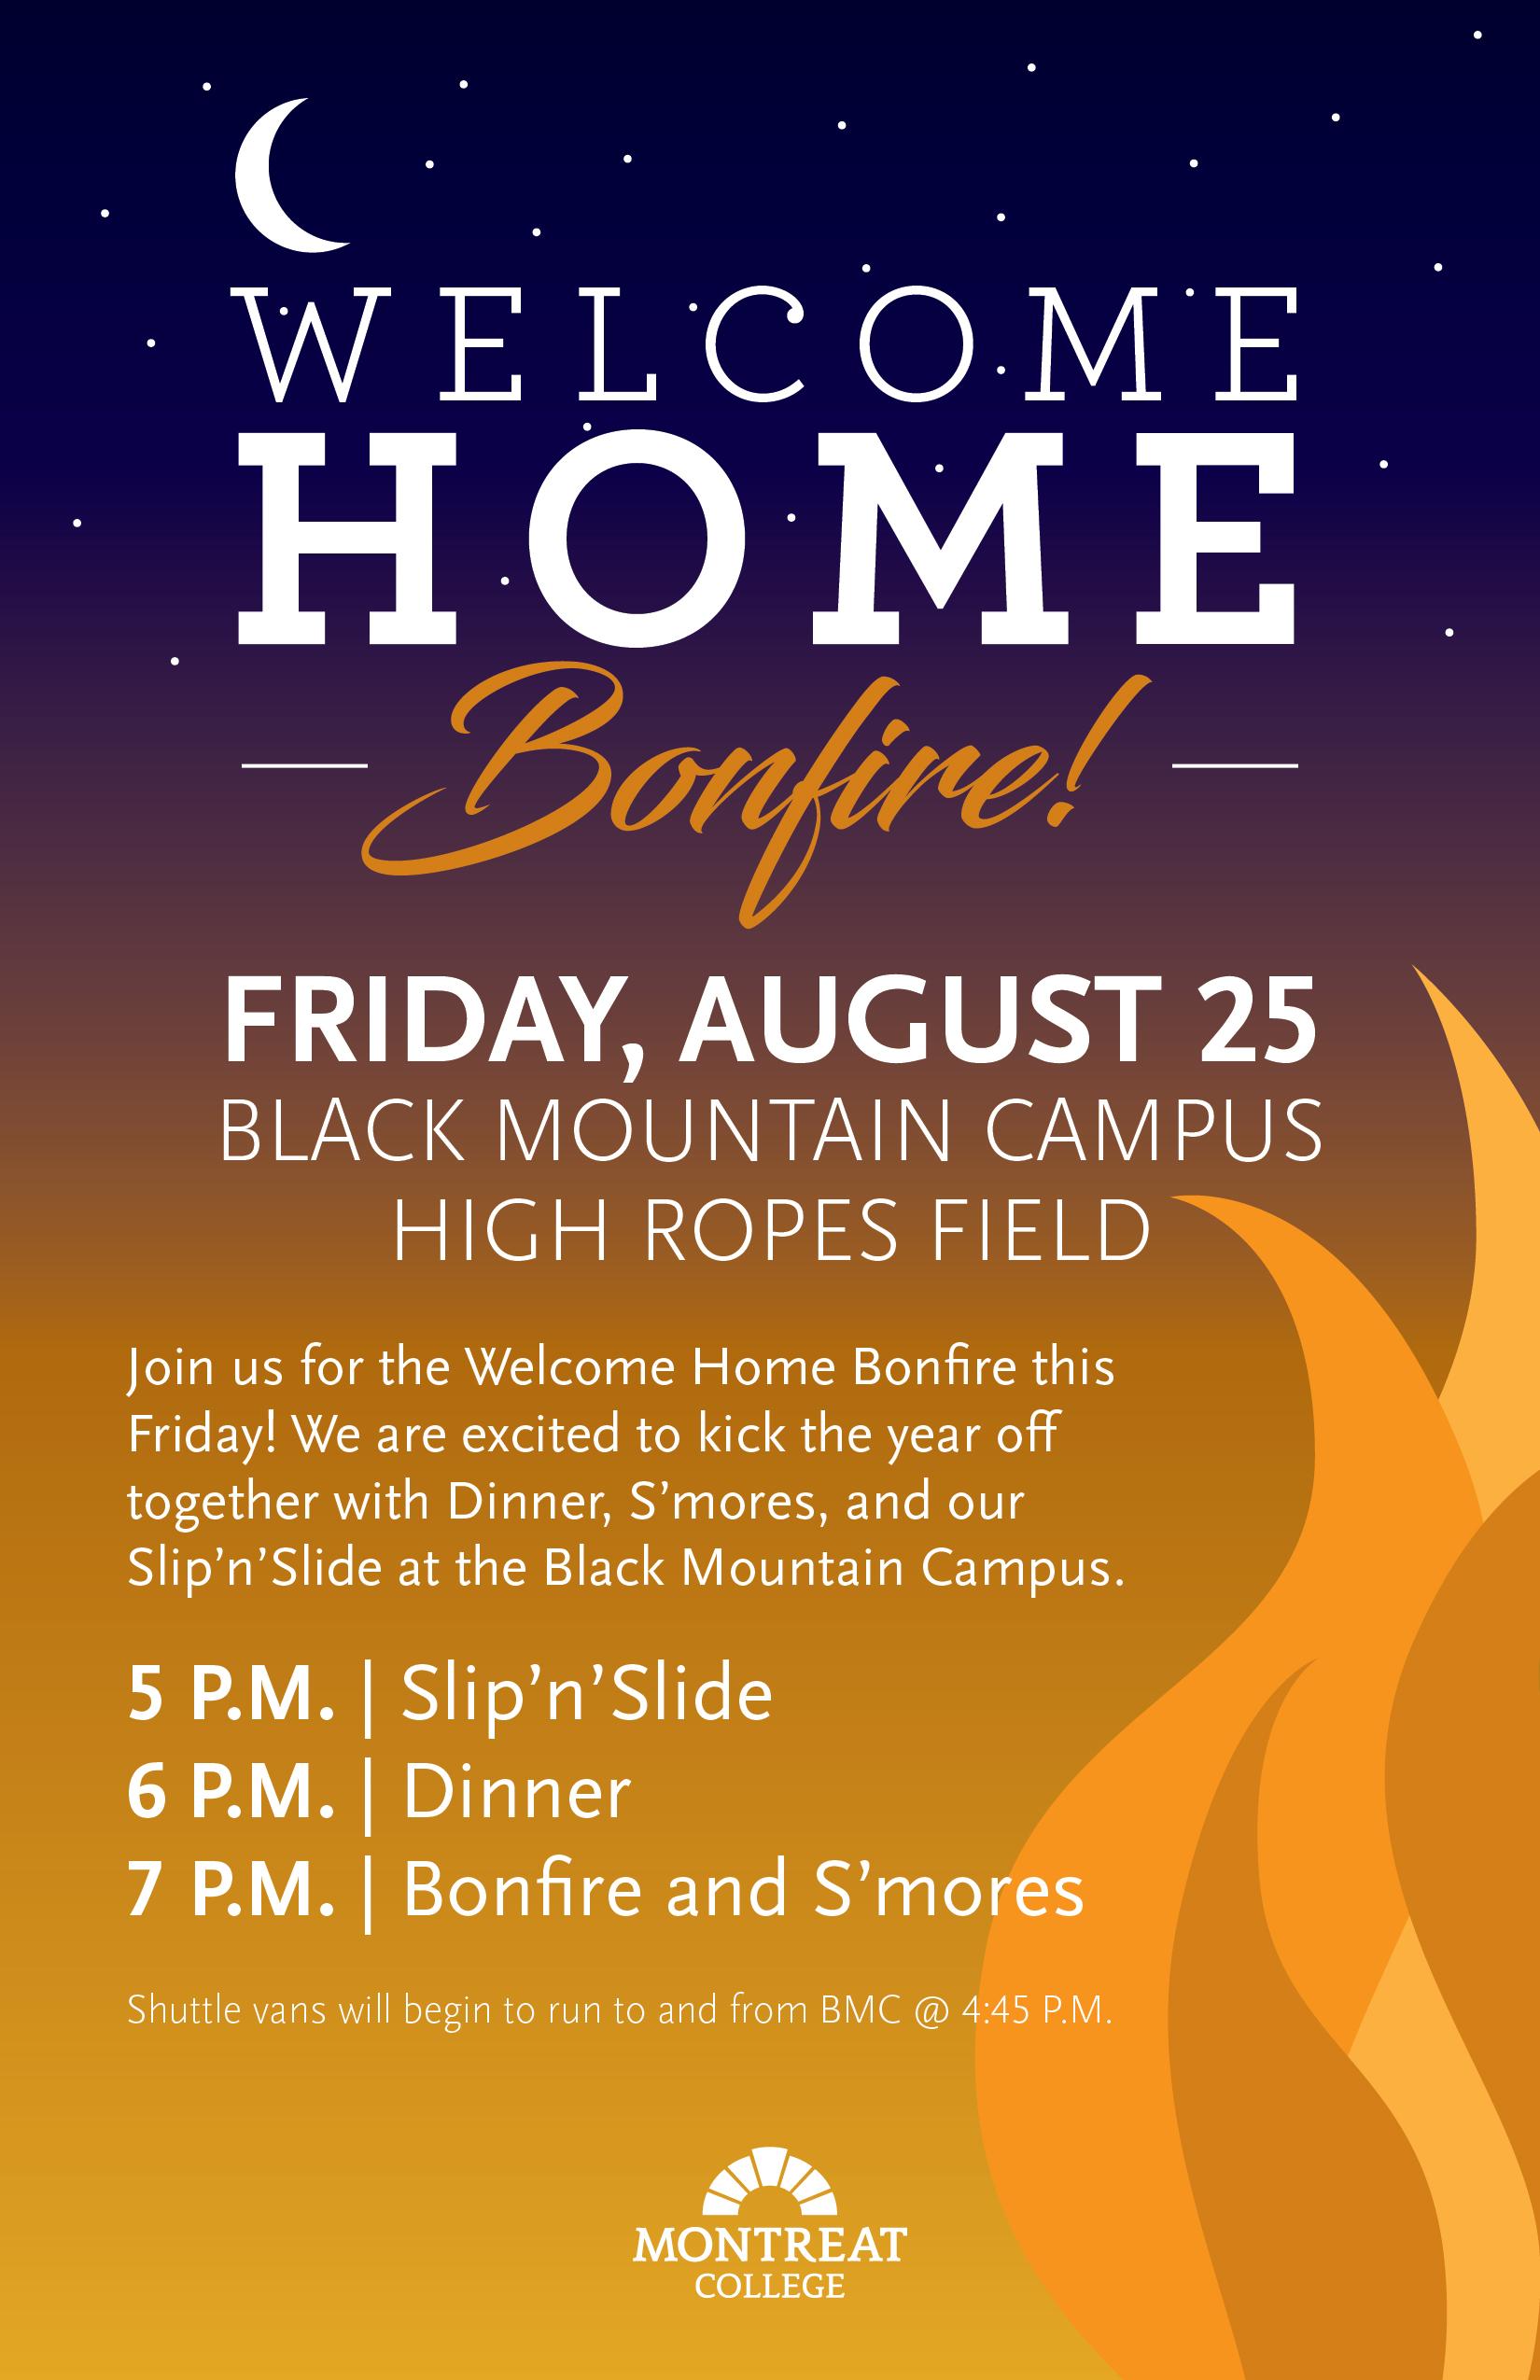 Welcome_Home_Bonfire_Poster_v1-01.jpg